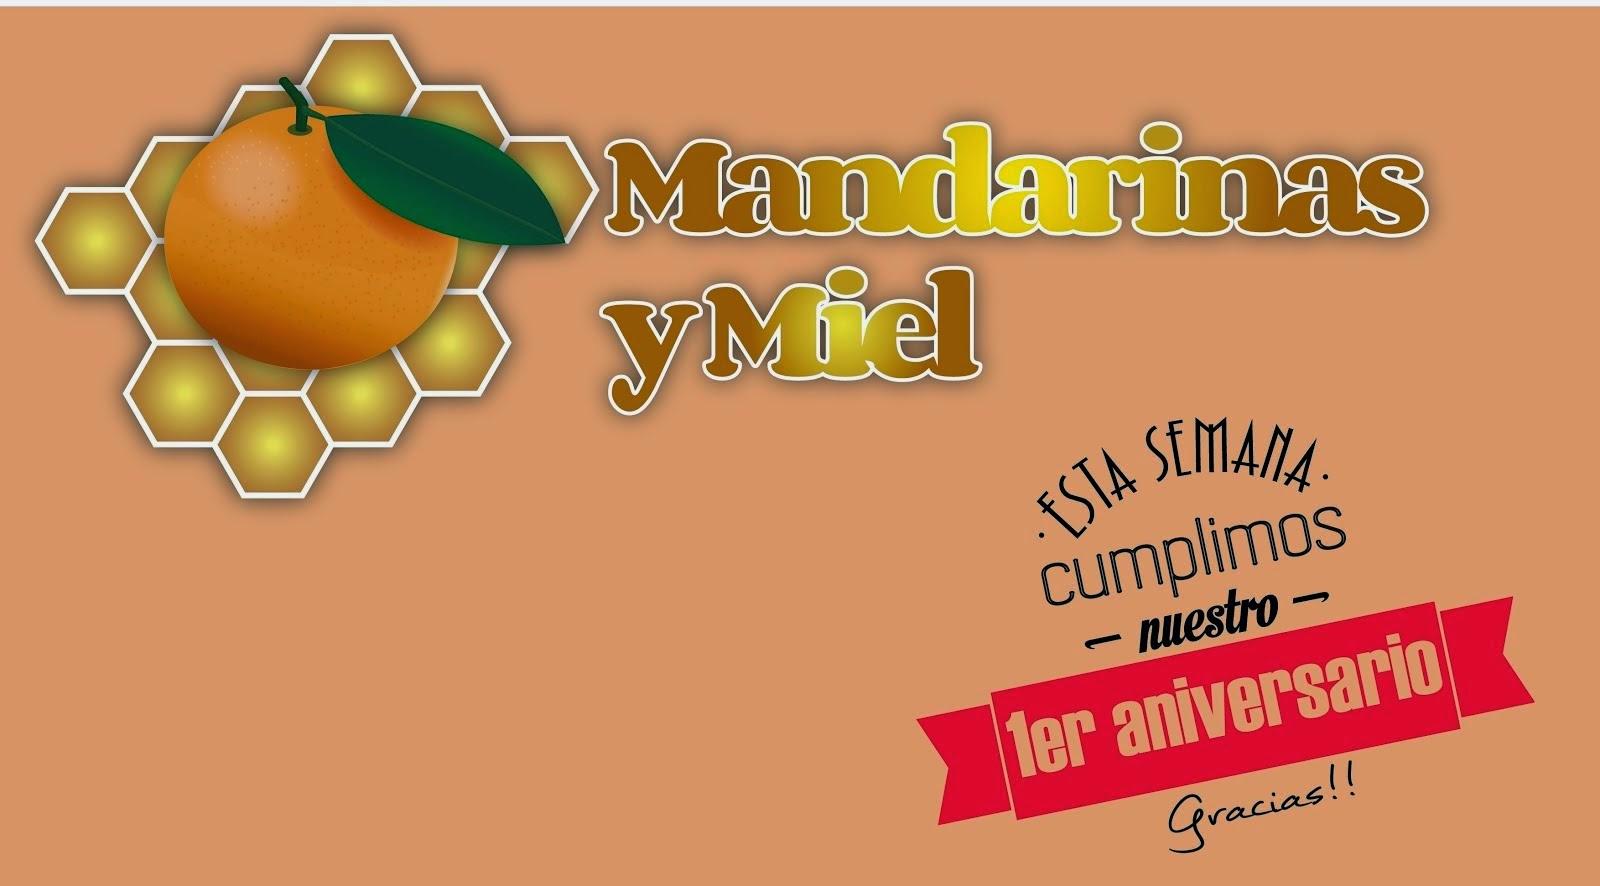 Sorteo en mandarinas y miel